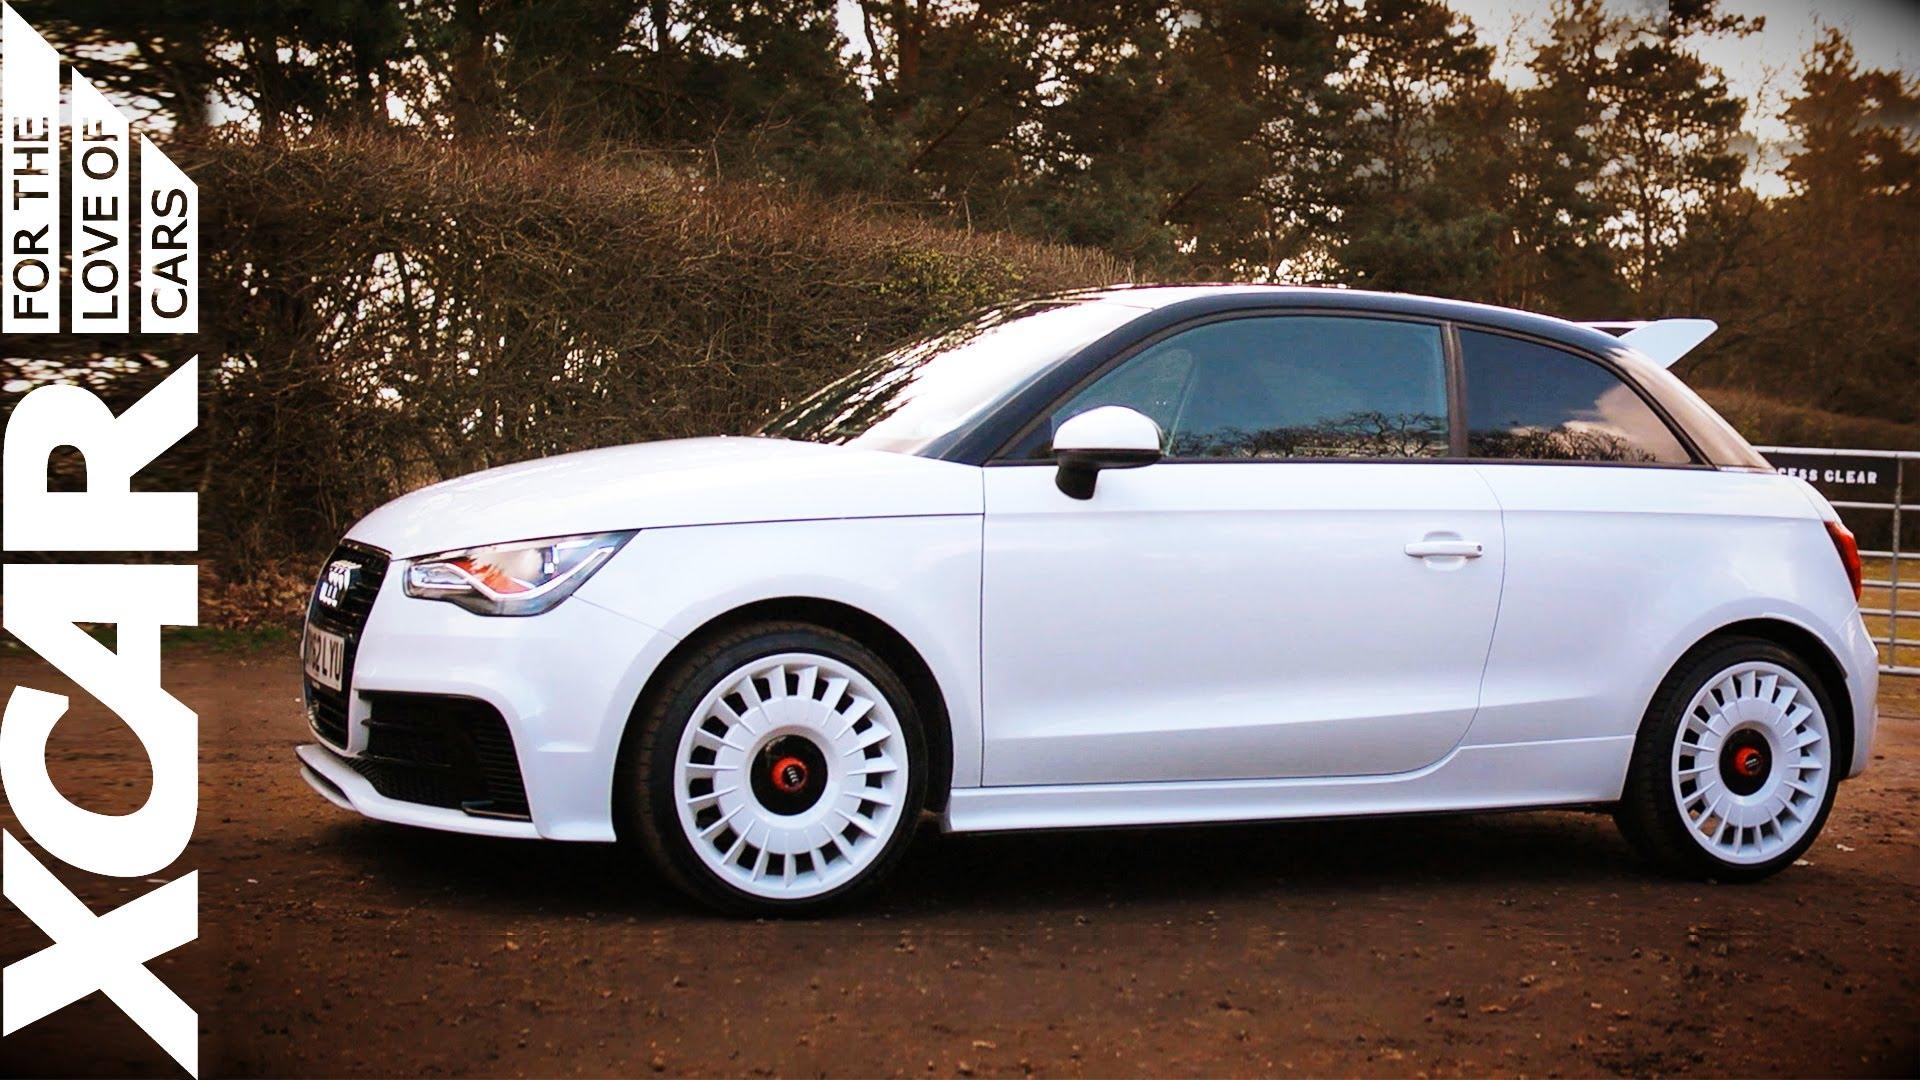 Audi A1 Quattro Backgrounds, Compatible - PC, Mobile, Gadgets| 1920x1080 px